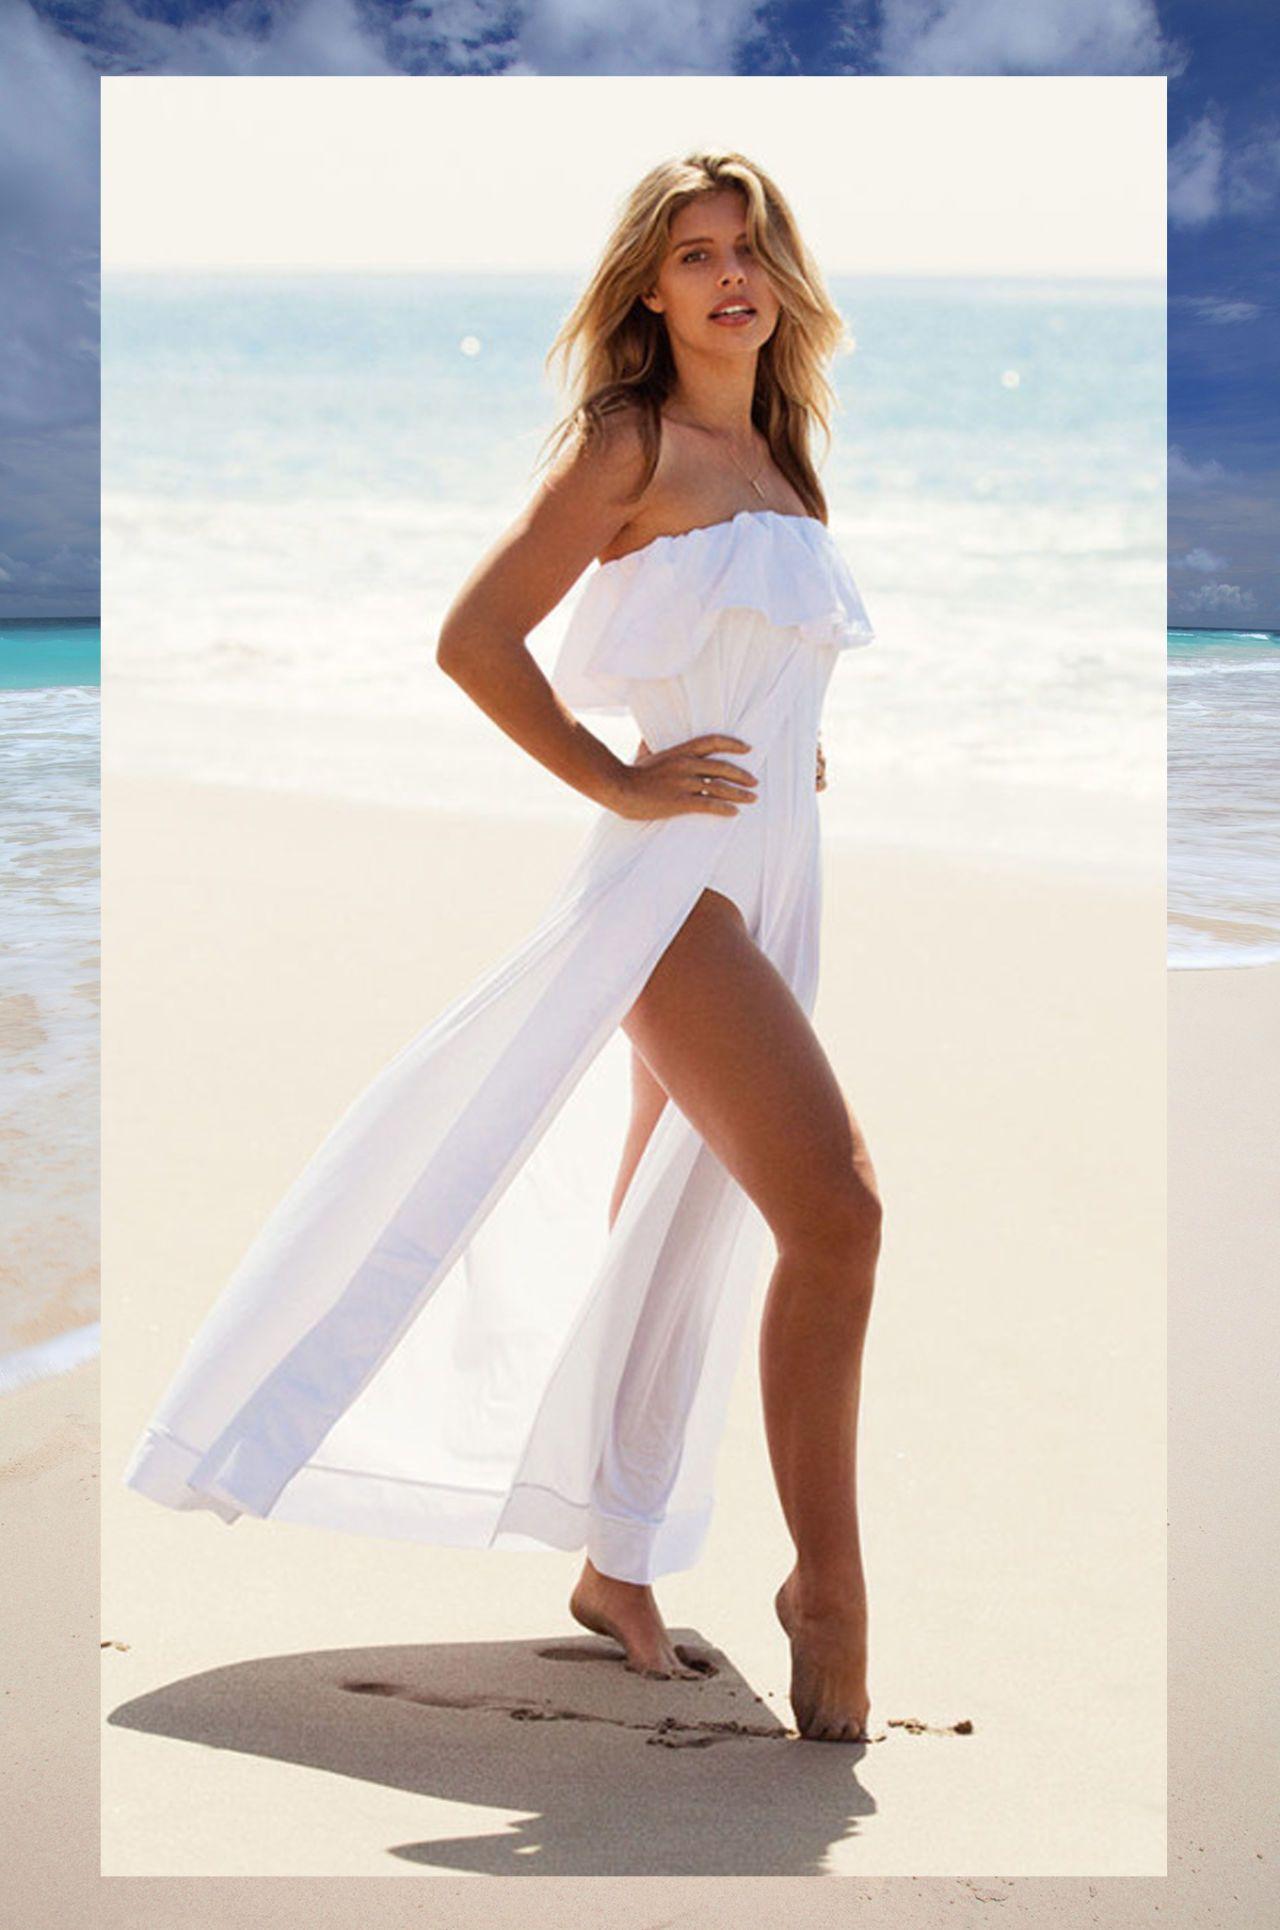 Abito Sposa Matrimonio Spiaggia : Abito da sposa due pezzi vestito sposa due pezzi abito etsy